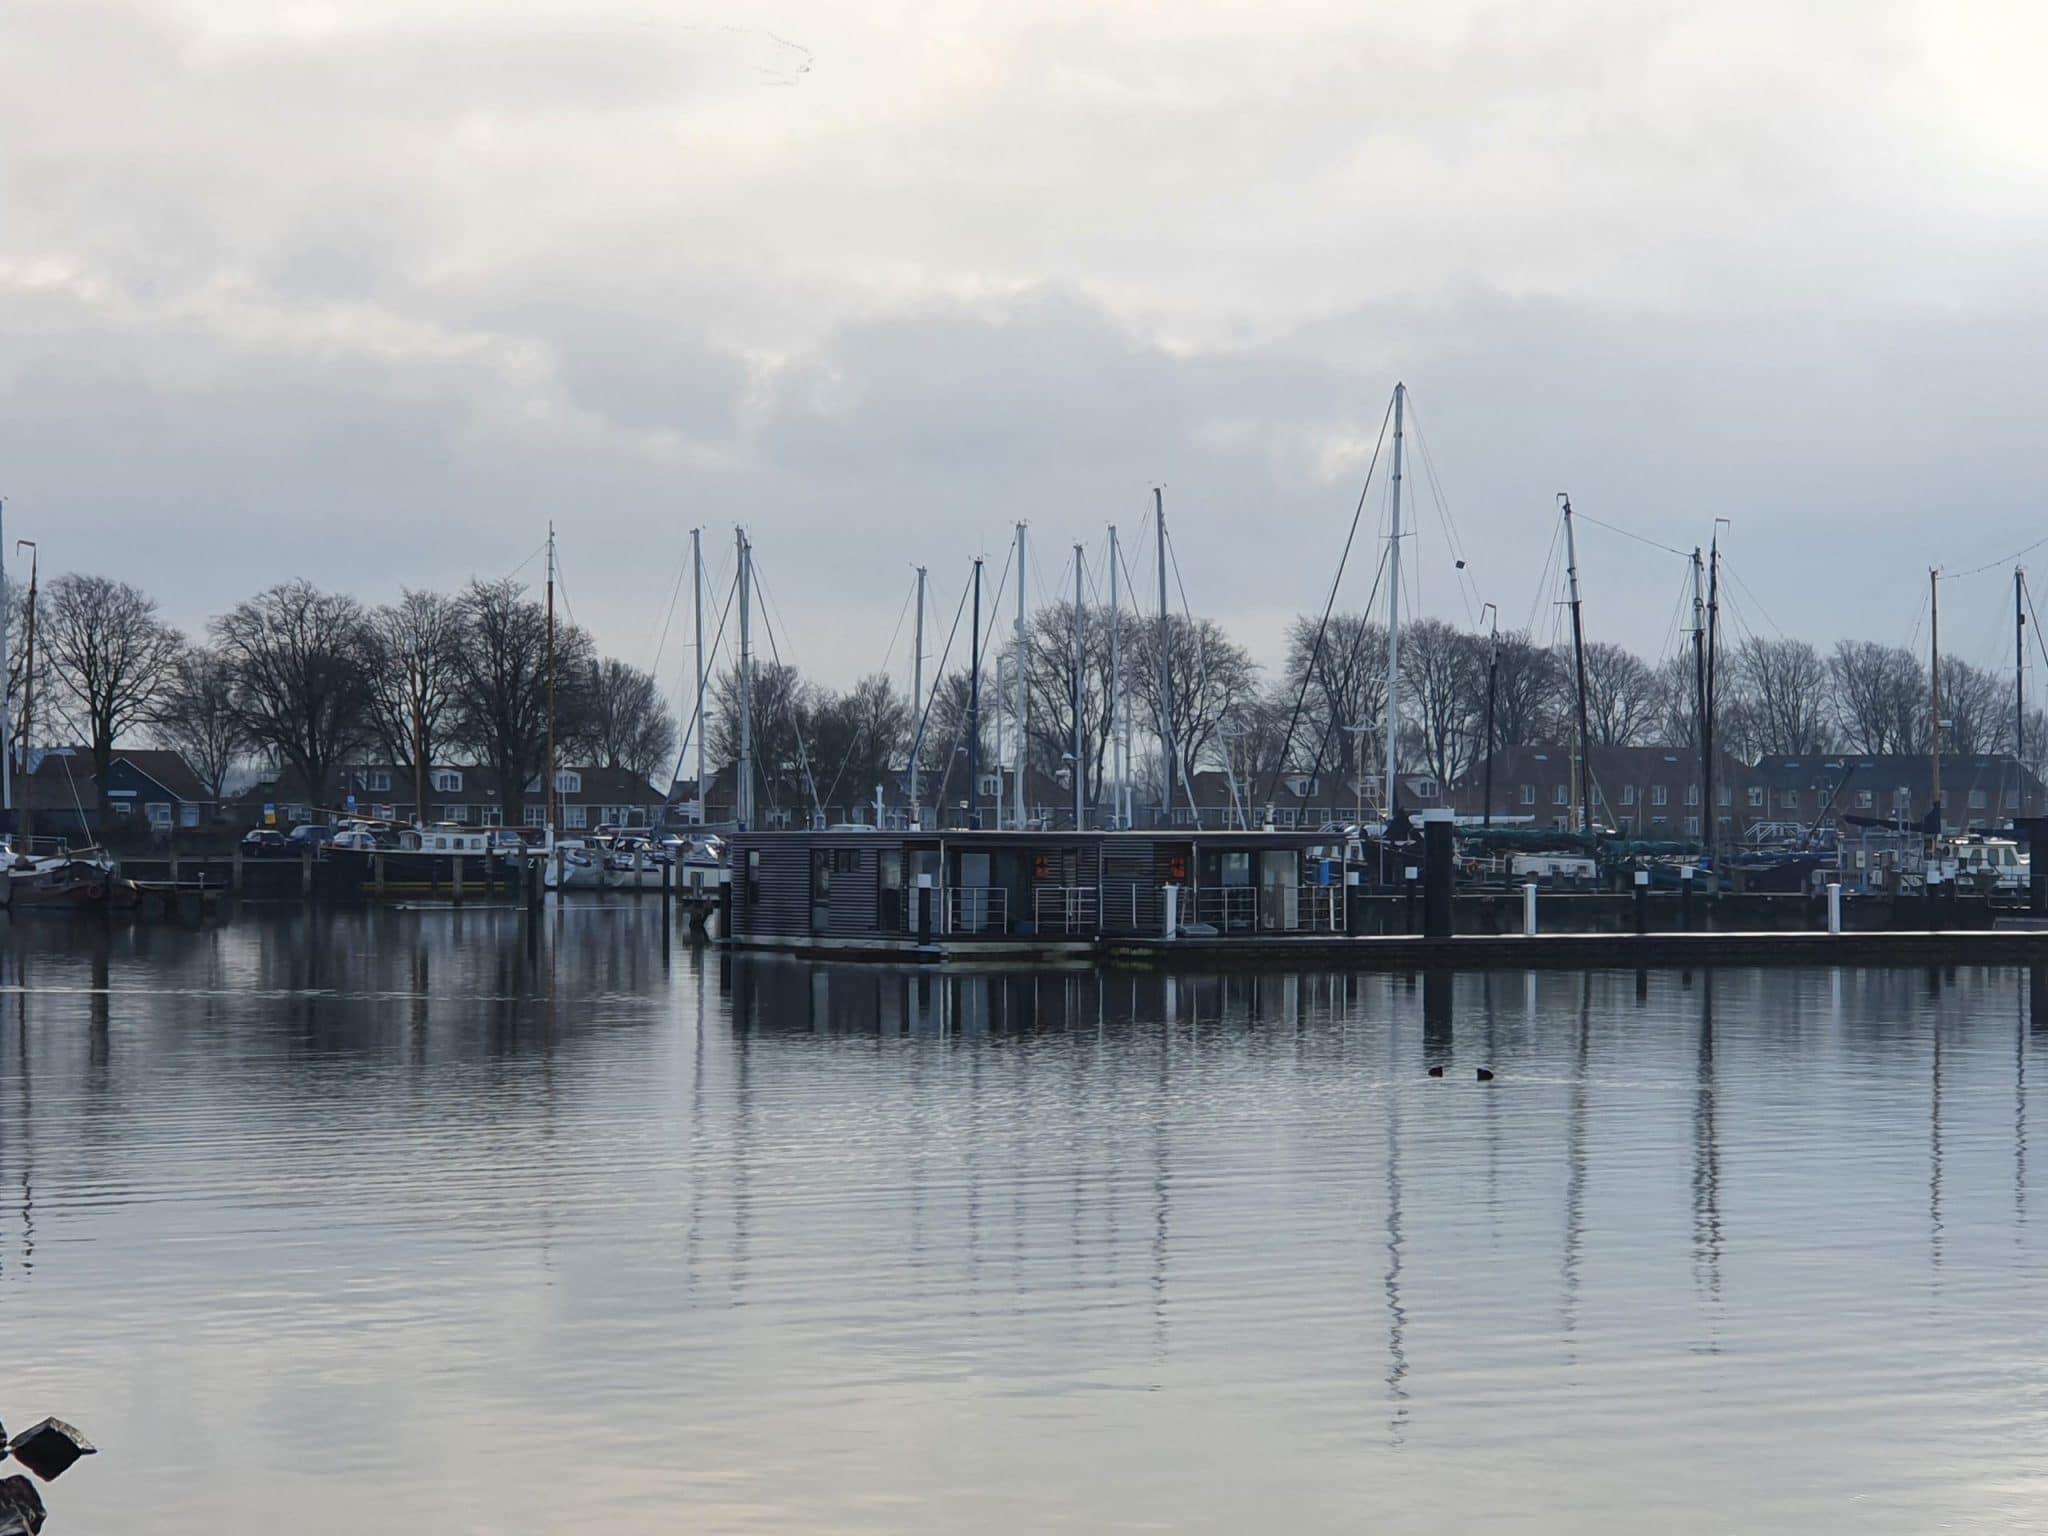 Mermaid-Hausboote_im_Herbst_2